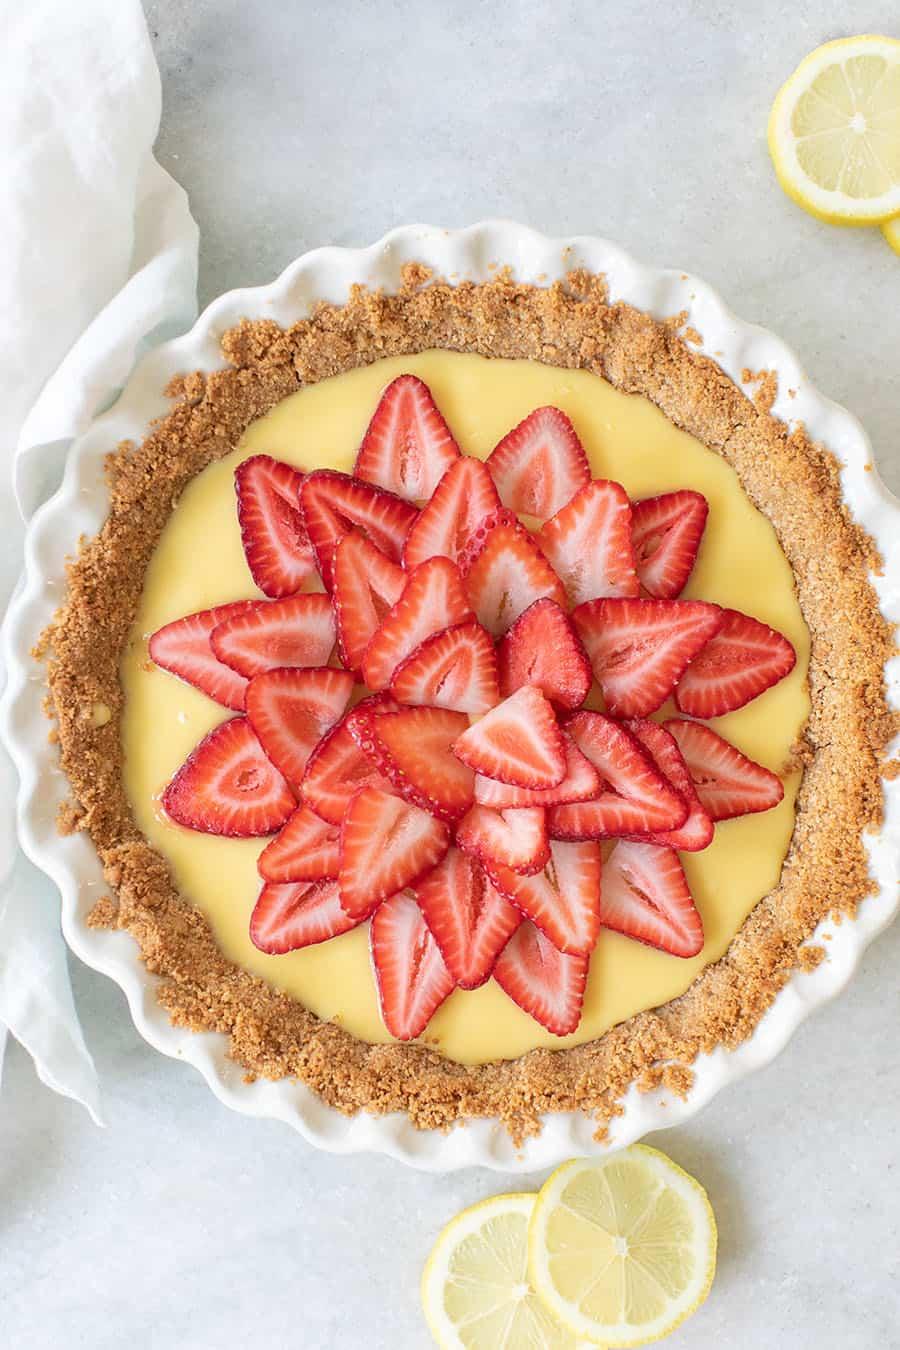 Over head of a strawberry lemonade pie.